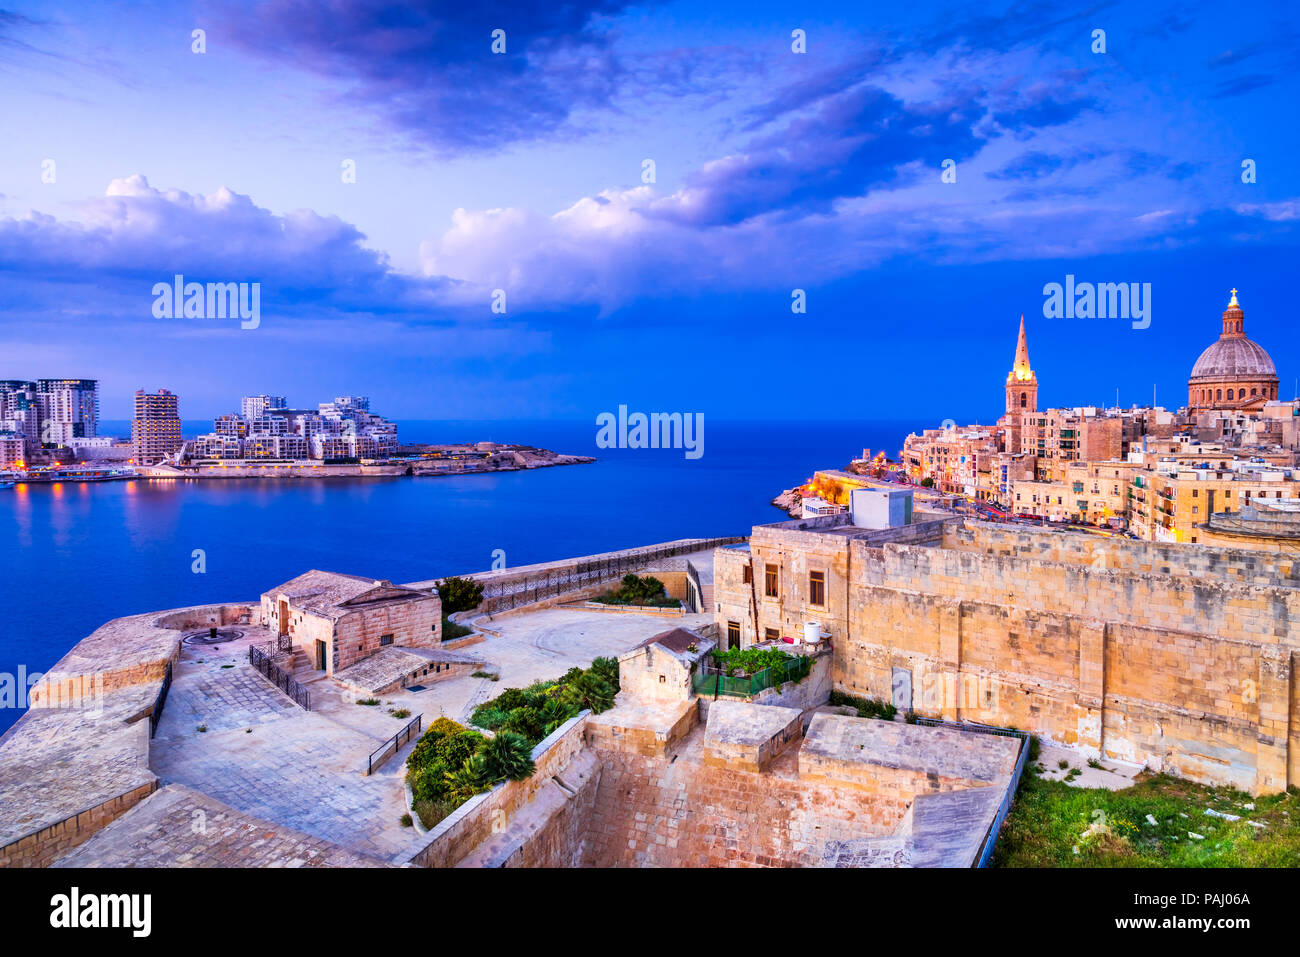 Valletta, Malta. Nightview of Marsamxmett Harbour and Silema city, Valletta. - Stock Image